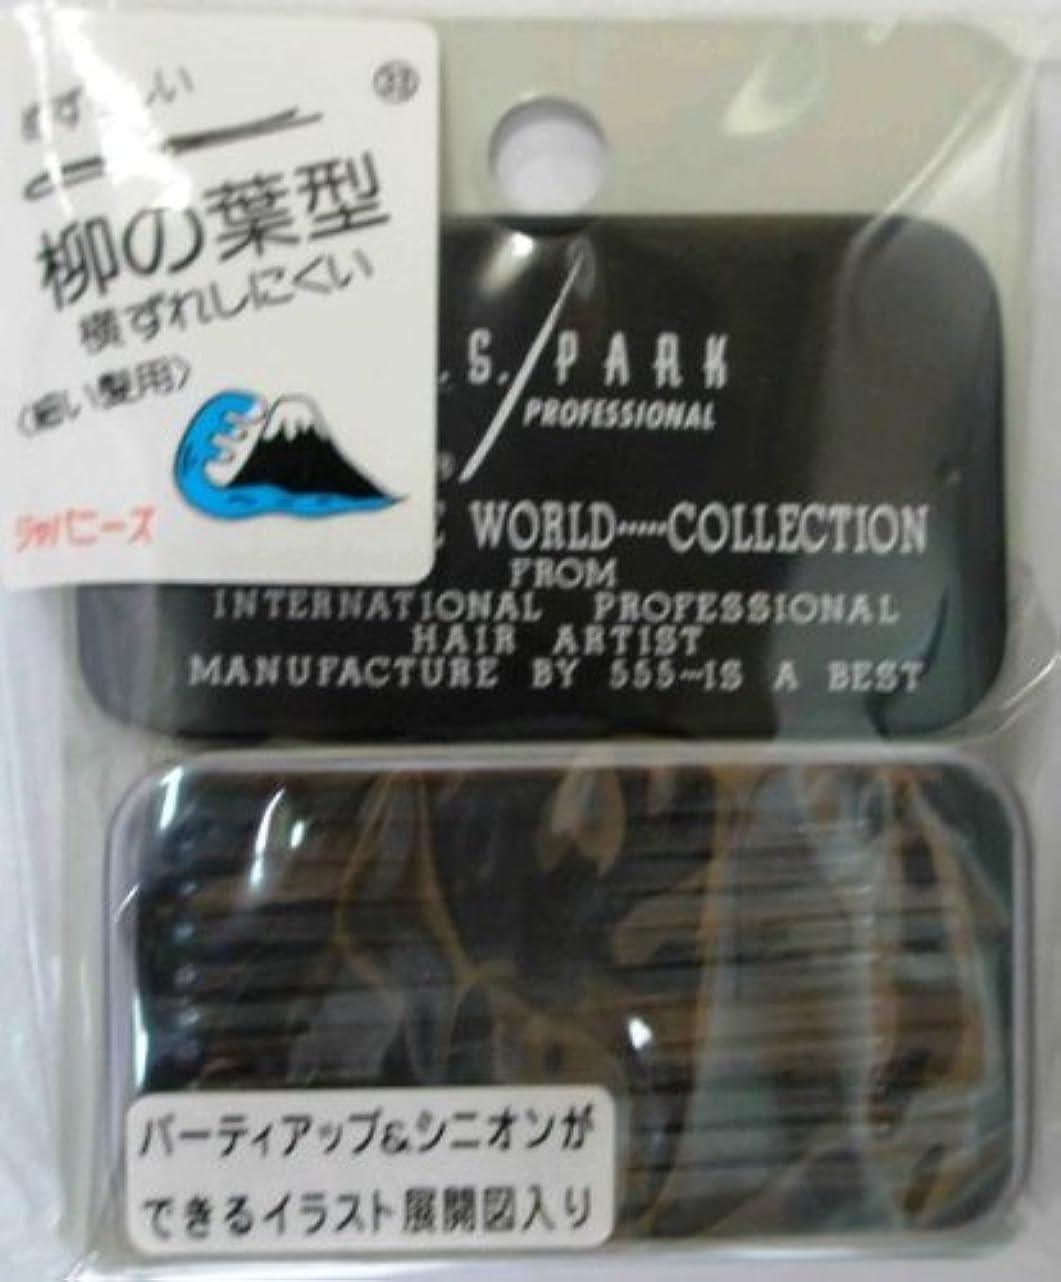 おもちゃ国家本質的ではないY.S.PARK世界のヘアピンコレクションNo.33(細い髪用)ジャパニーズ32P